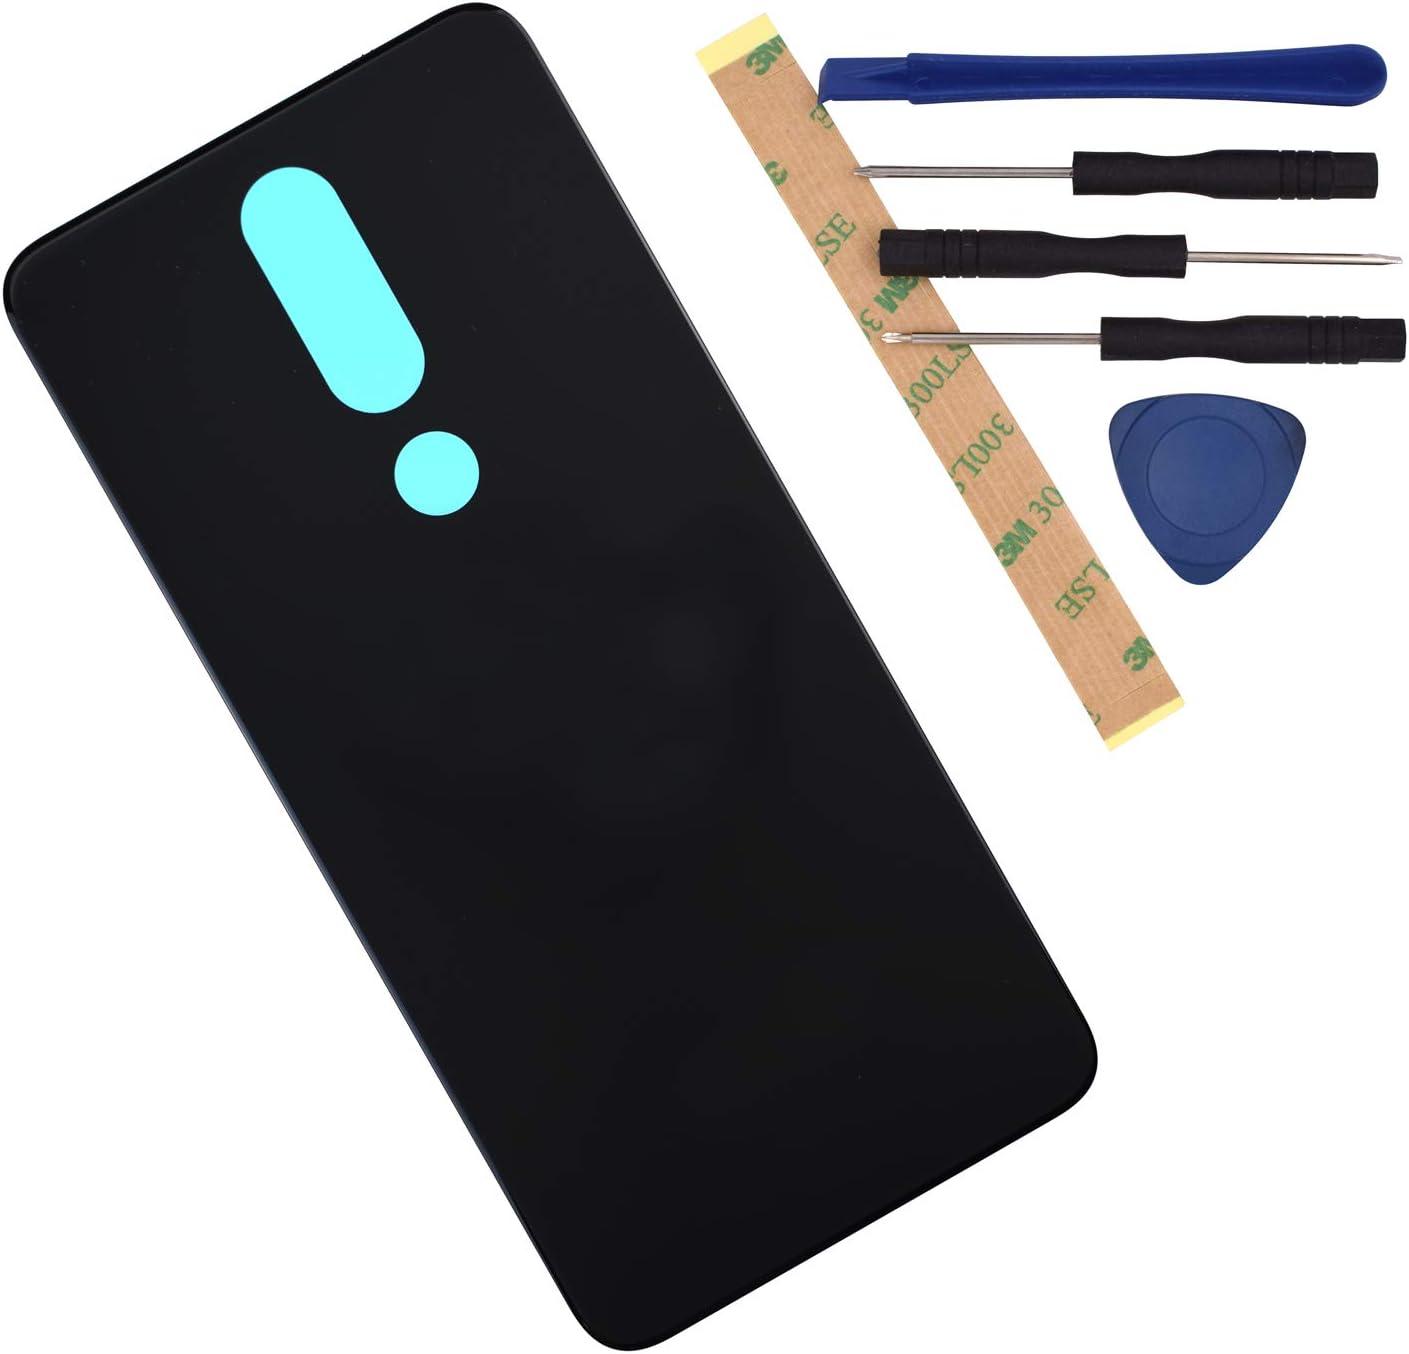 Tapa Trasera Nokia 5.1 Plus Negra Ta-1120 Ta-1105 Ta-1102 x